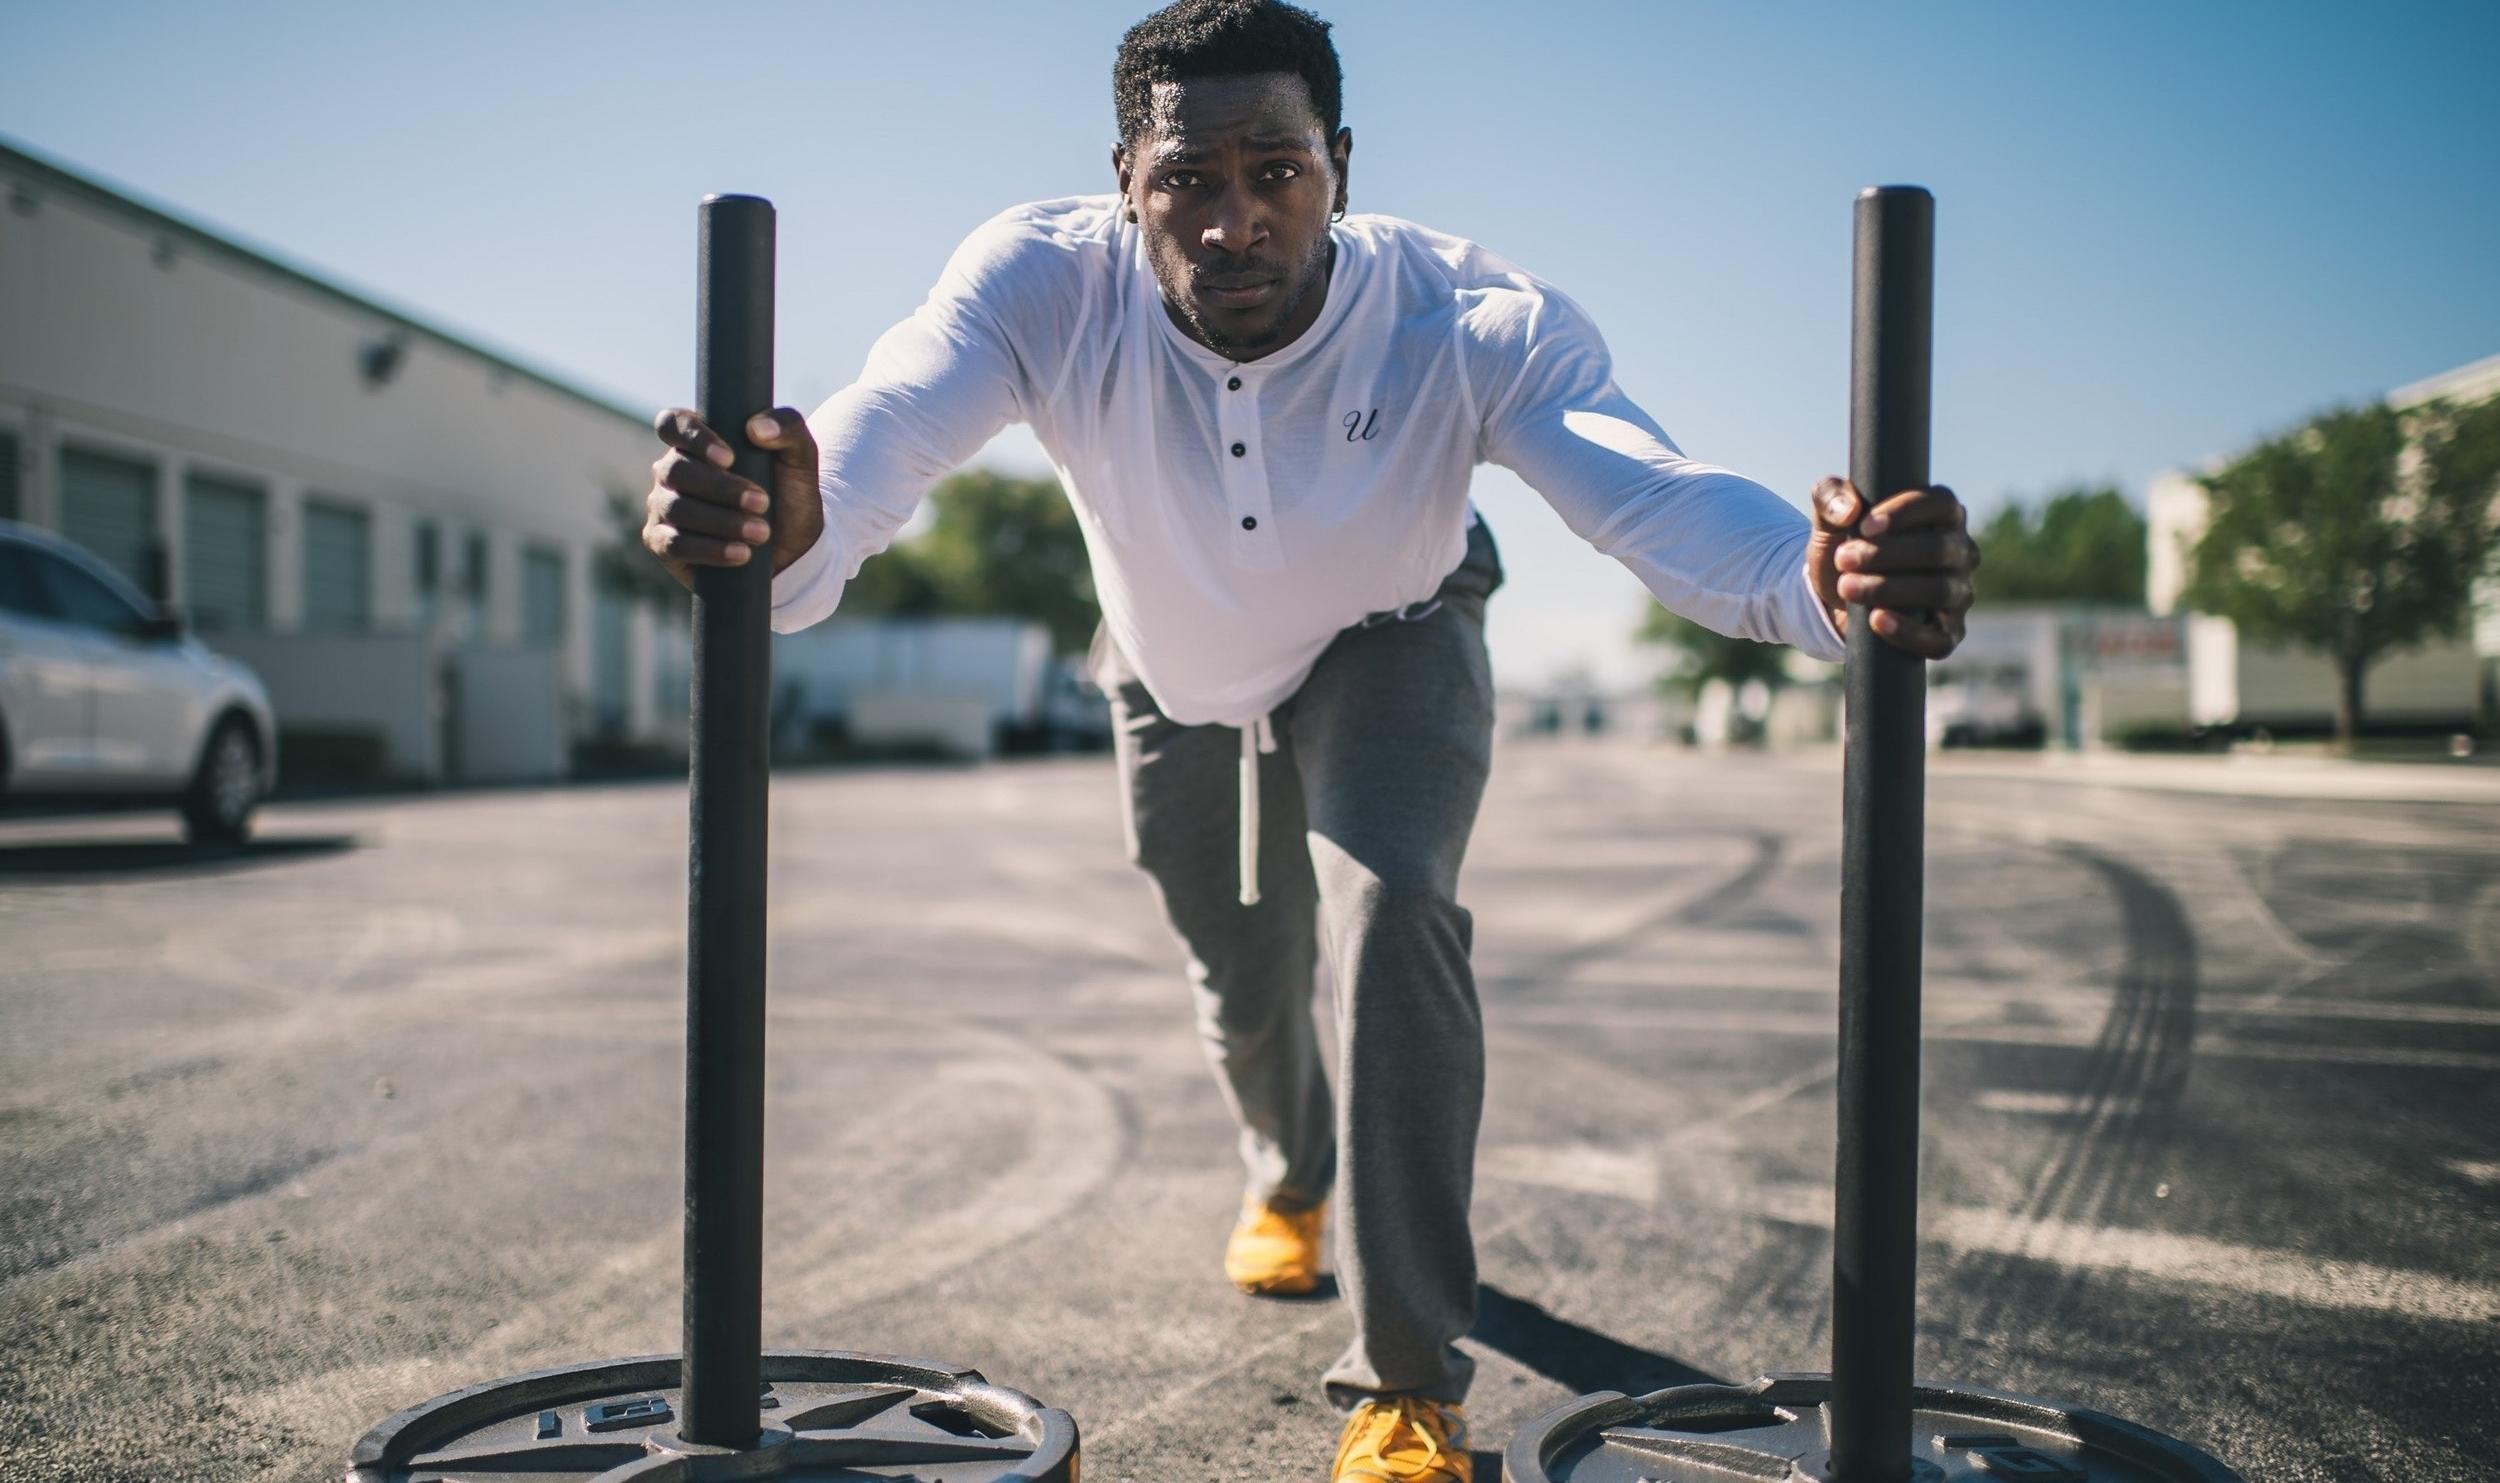 athlete-crossfit-effort-9806.jpg